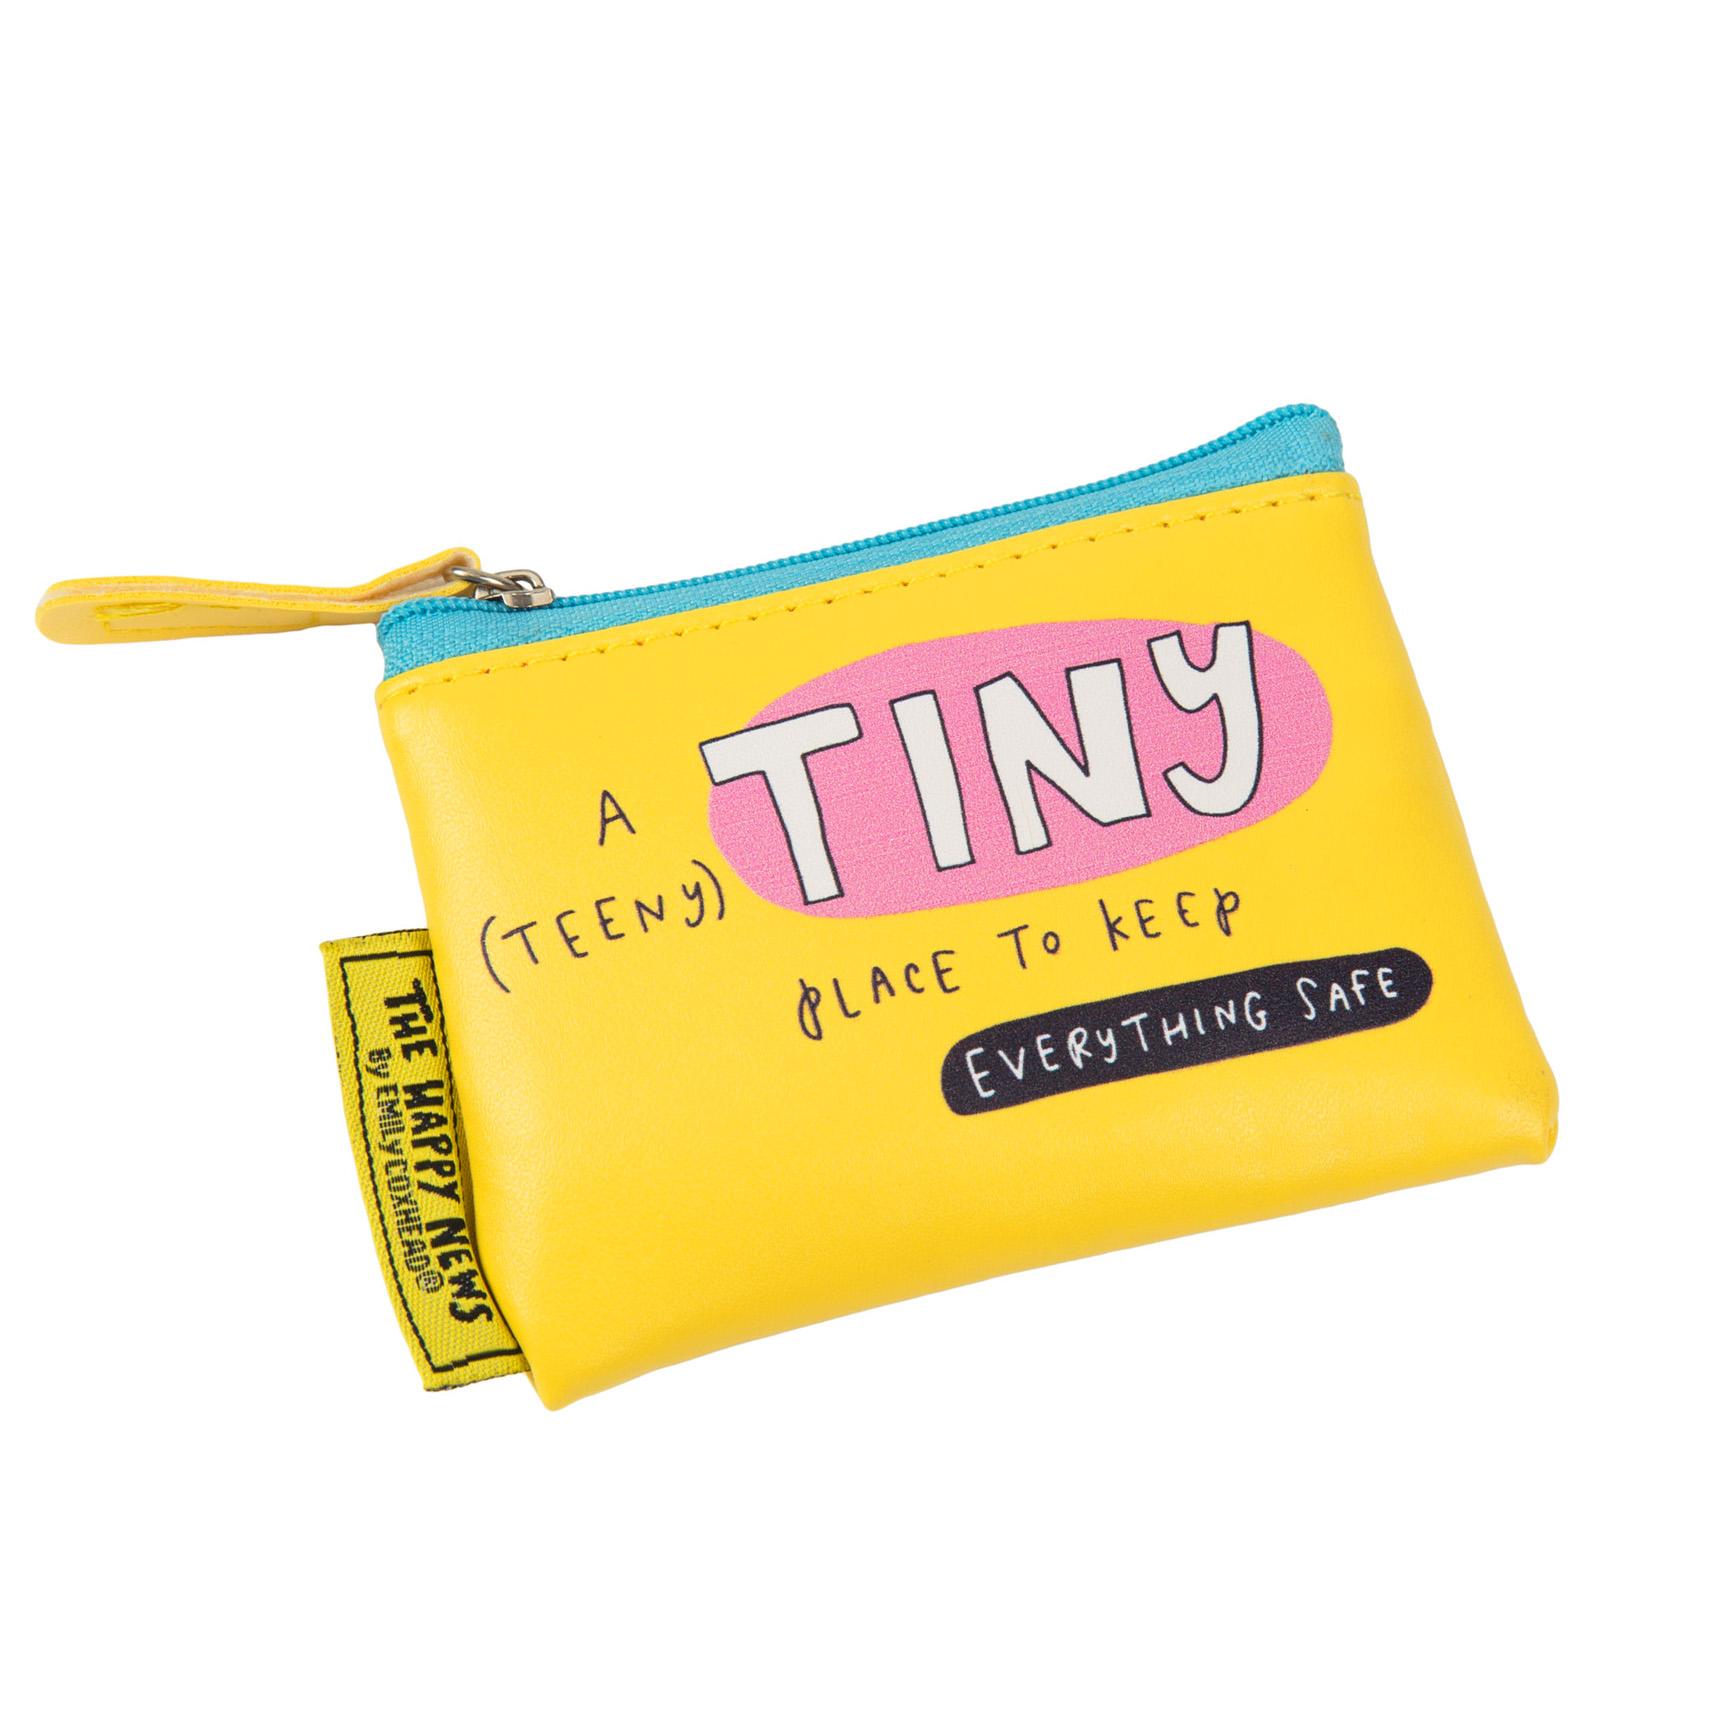 The Happy News Tiny Place Tiny Purse by Emily Coxhead